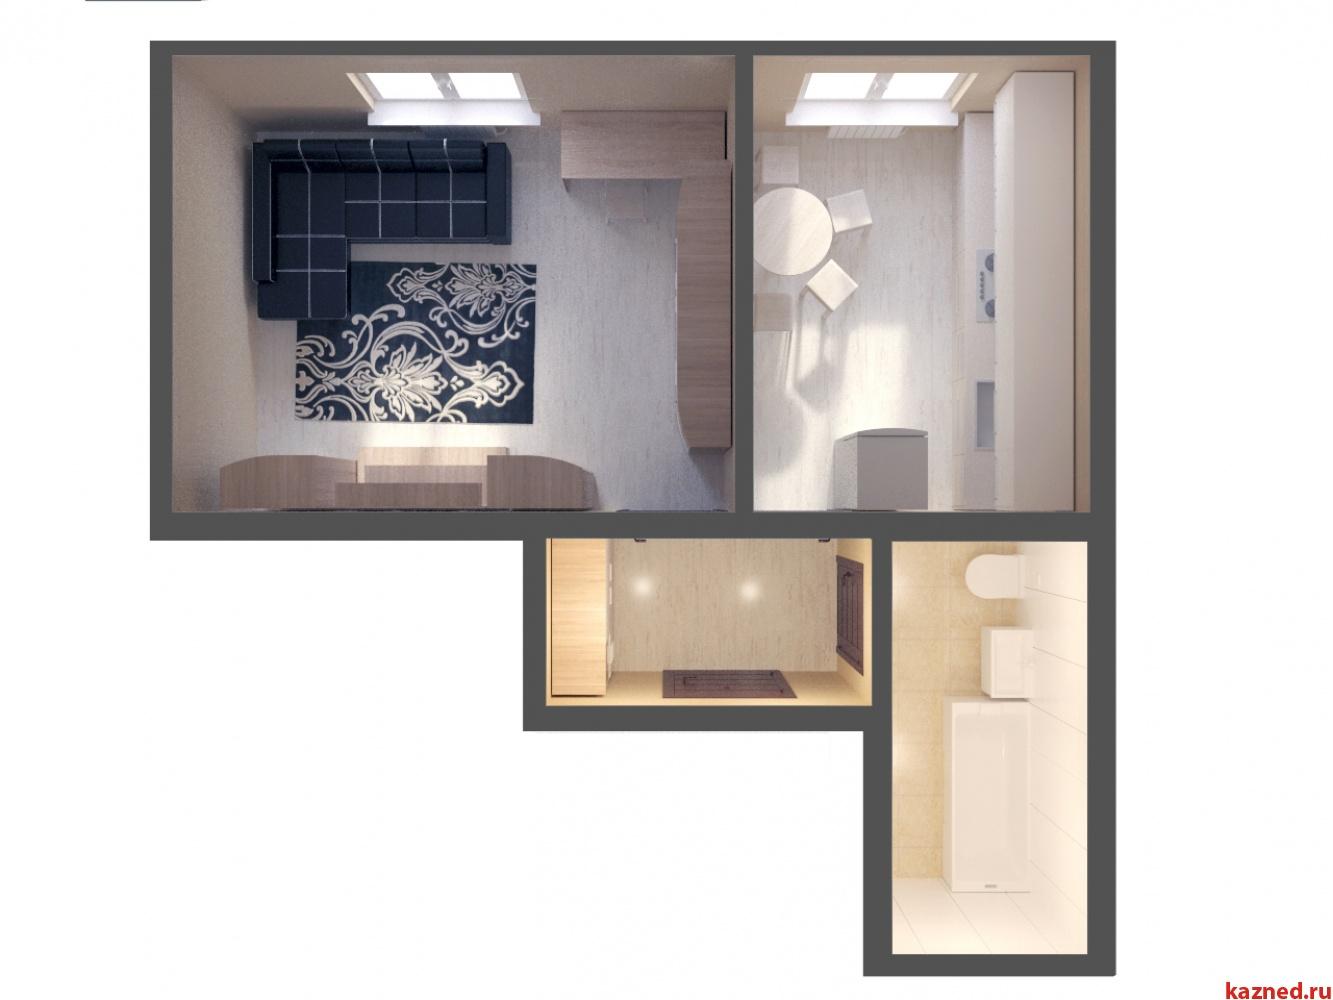 Продажа 1-к квартиры ЖК Светлый, 34 м²  (миниатюра №2)